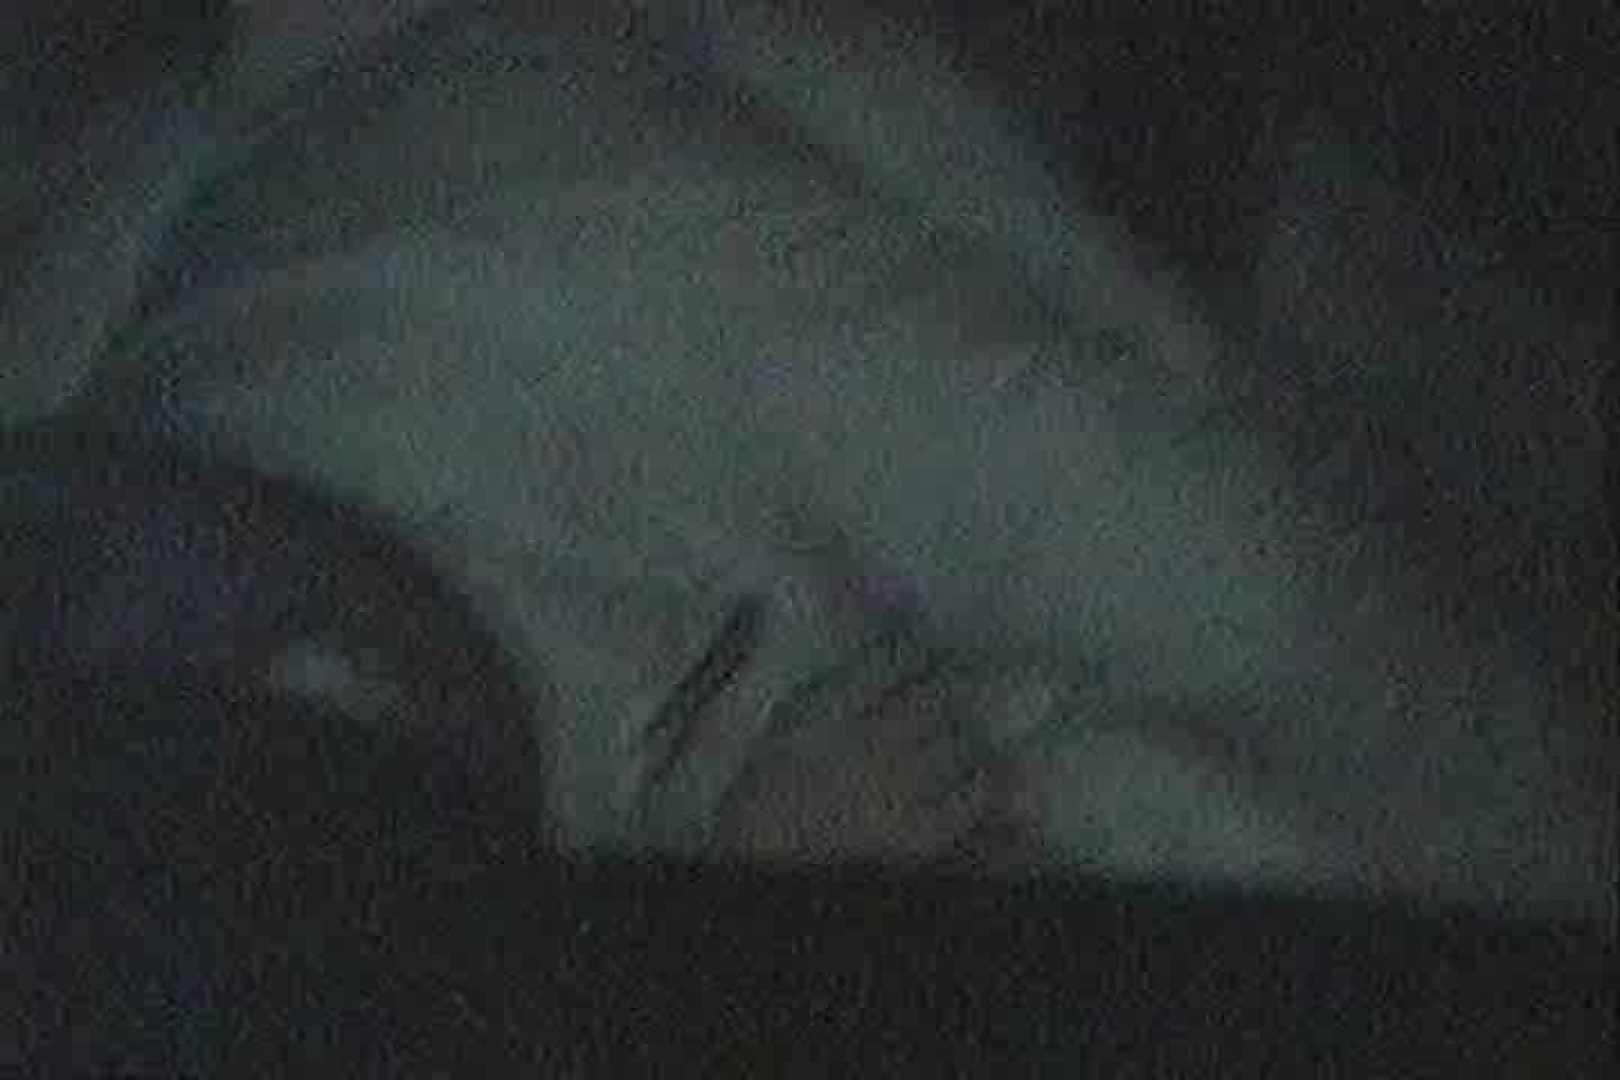 「充血監督」さんの深夜の運動会!! vol.123 OL | カップルのセックス  45連発 1